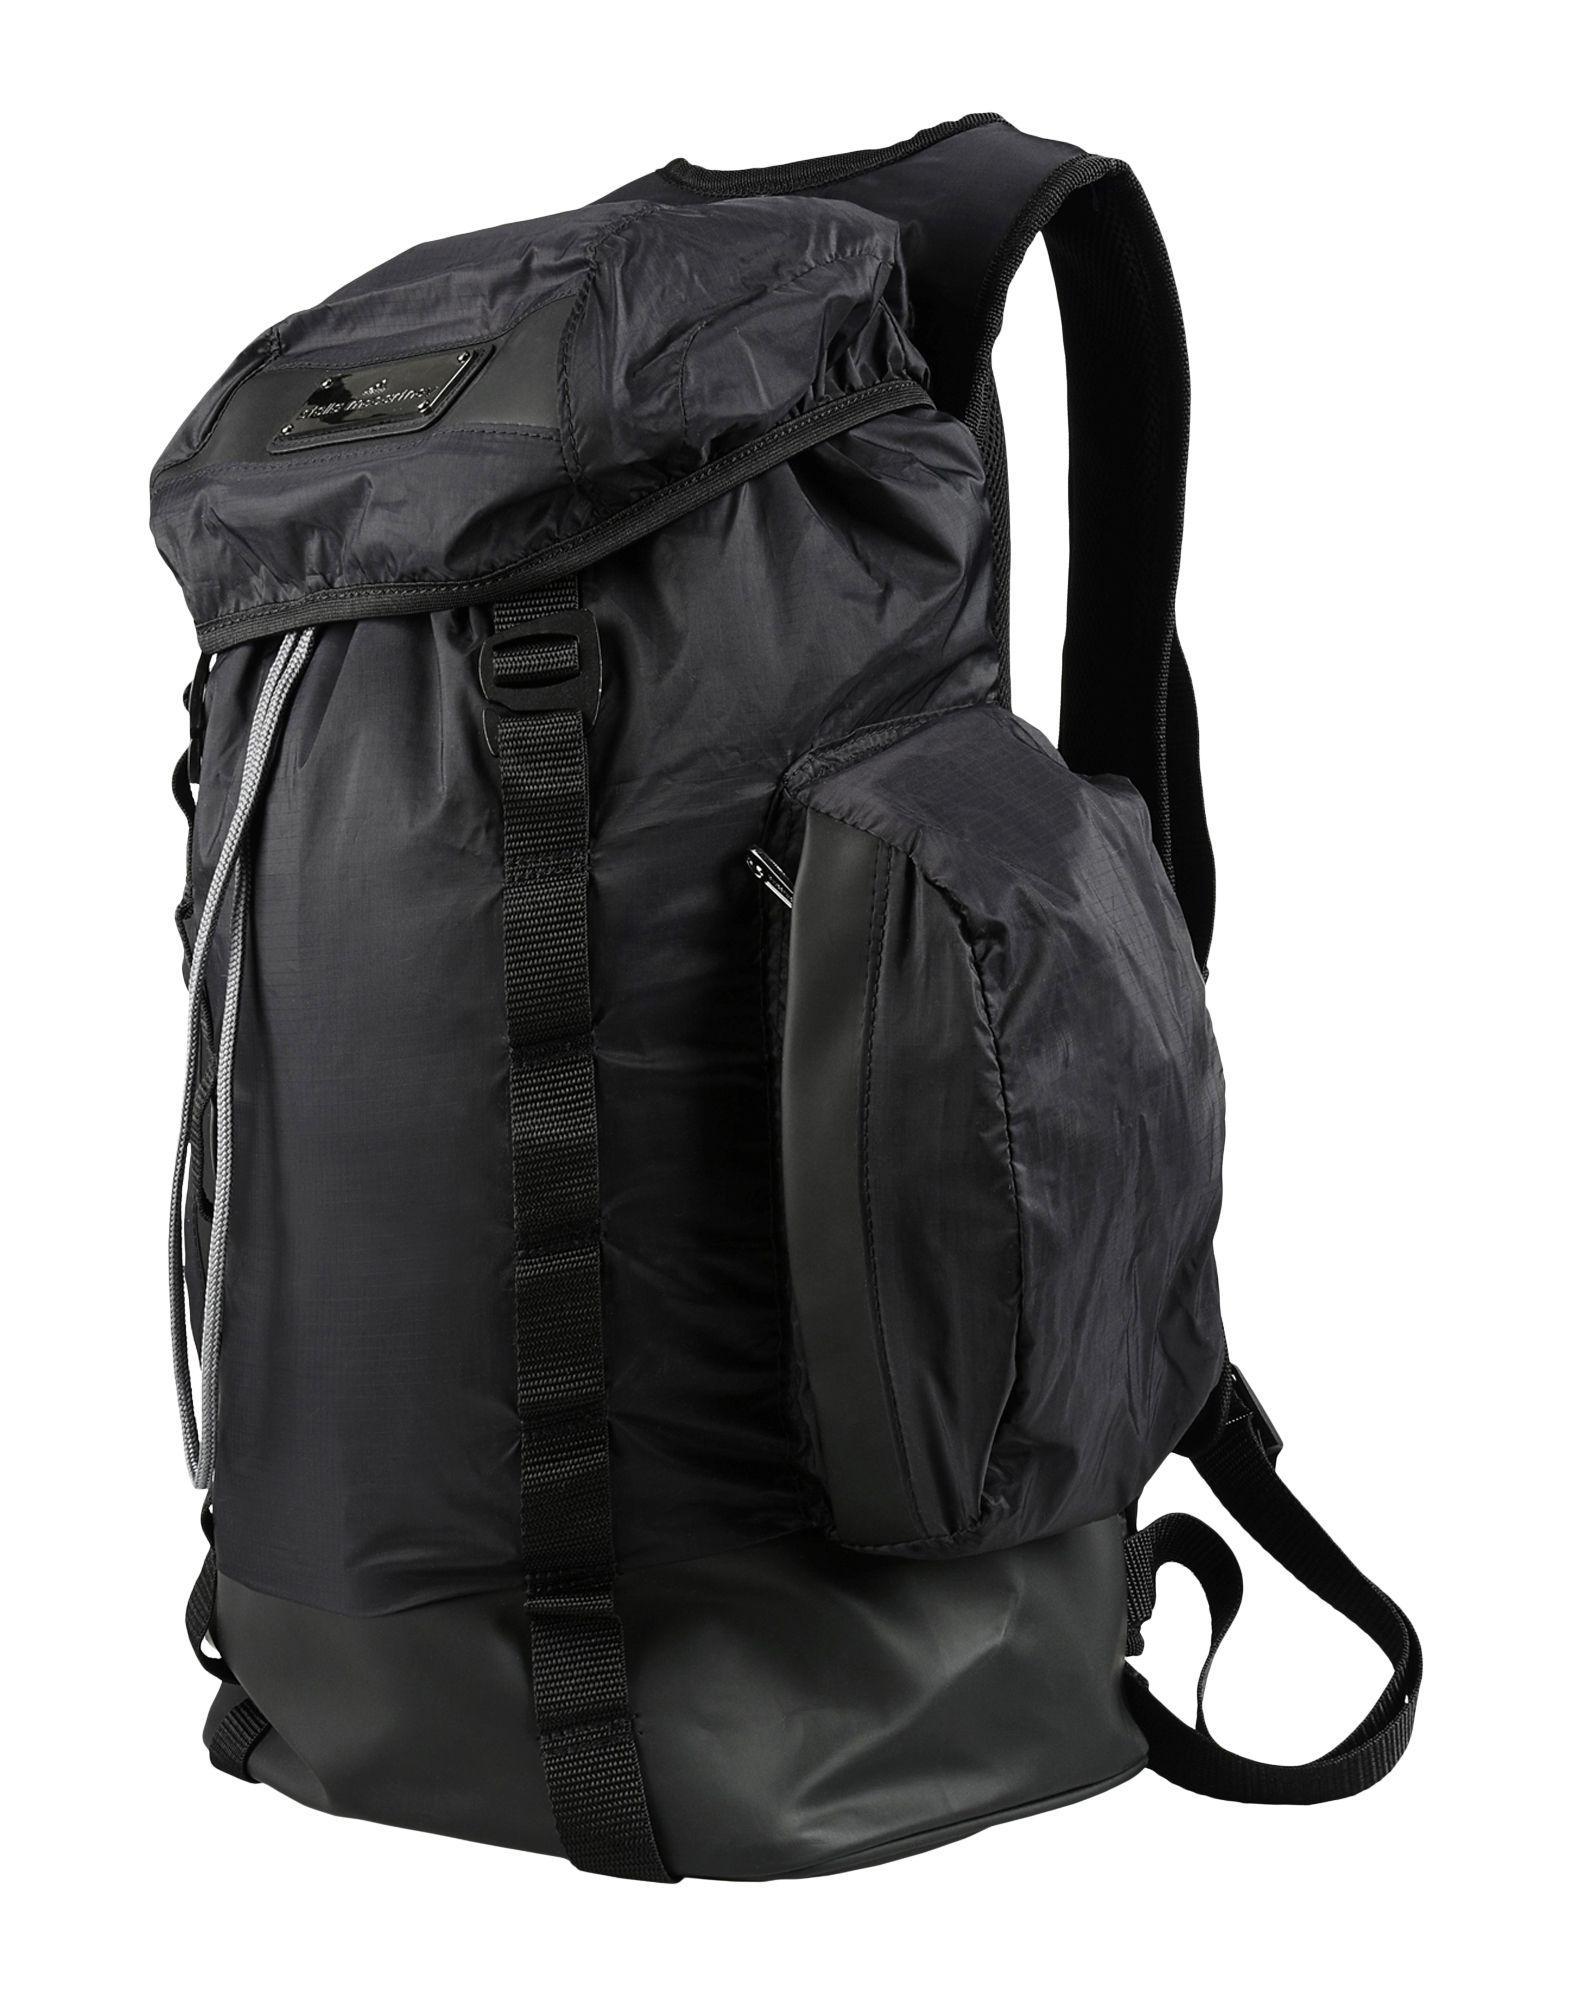 Lyst - adidas By Stella McCartney Backpacks   Bum Bags in Black 63f50a97fa48a